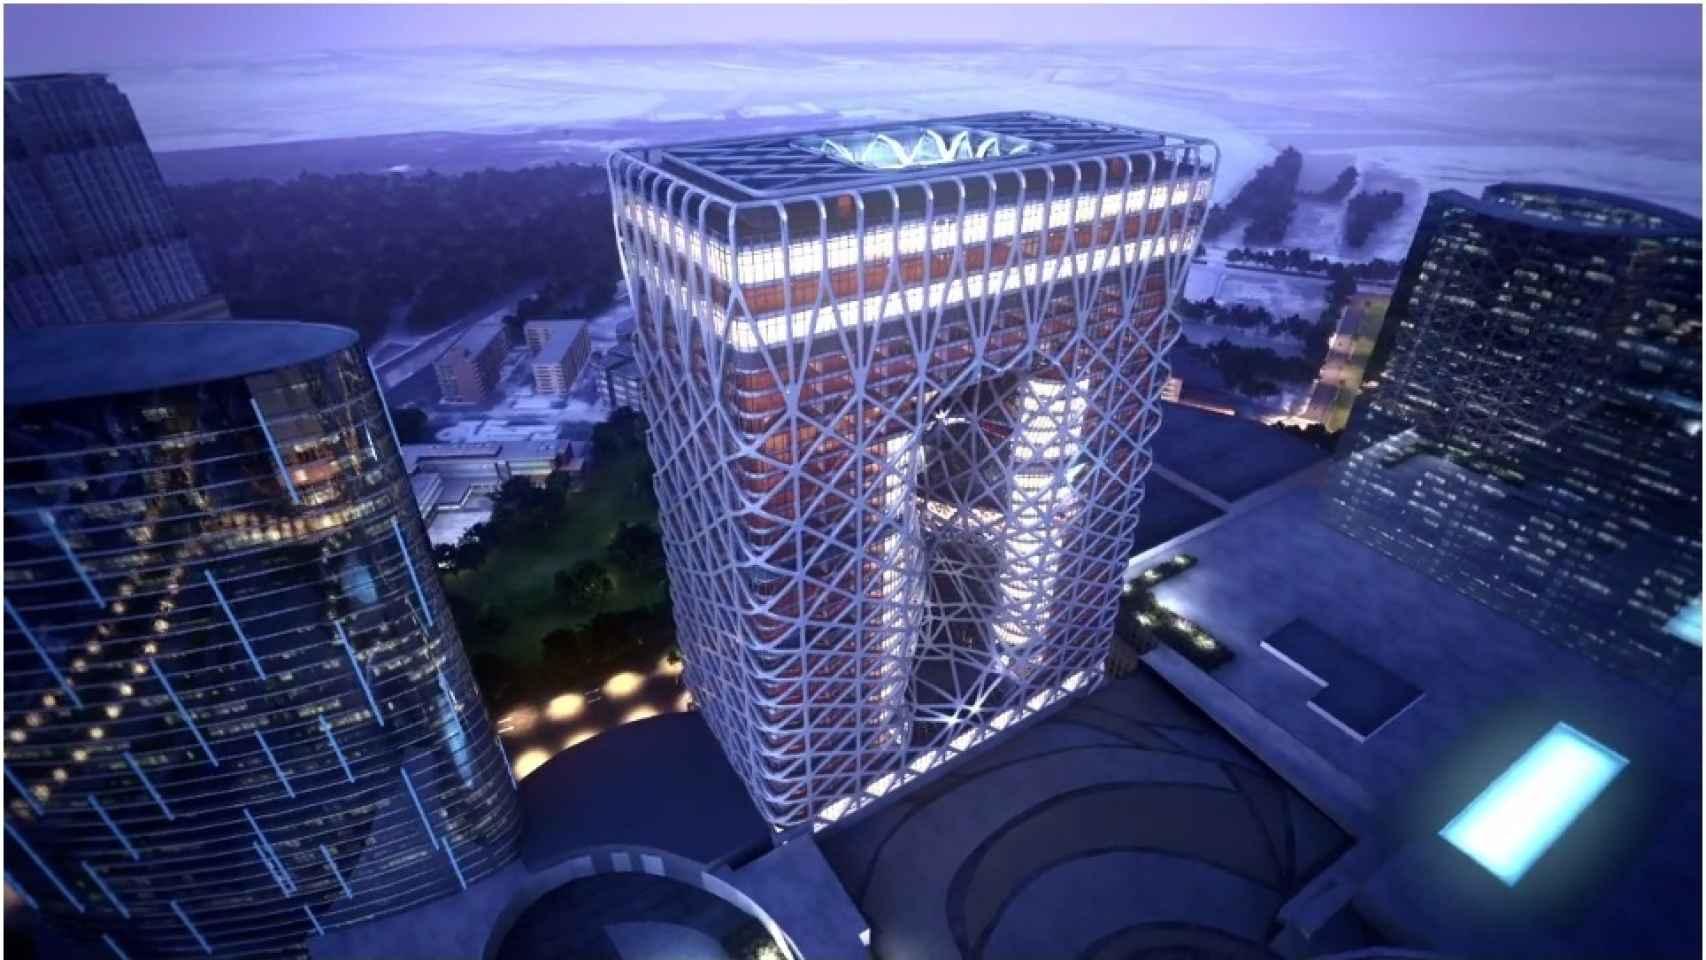 Proyecto de Zaha Hadid de hotel y casino en Macao (China), finalizará en 2017.